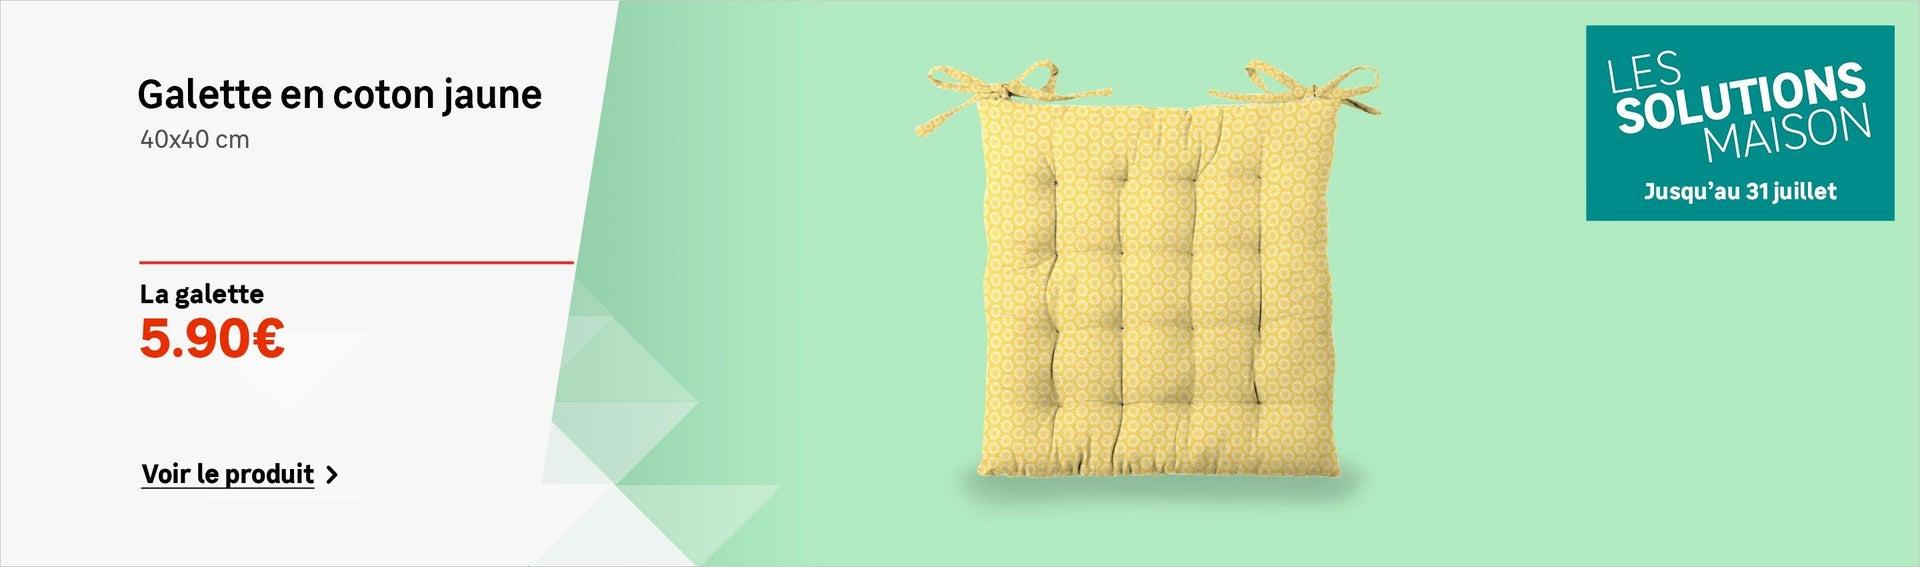 Galette de chaise coton jaune